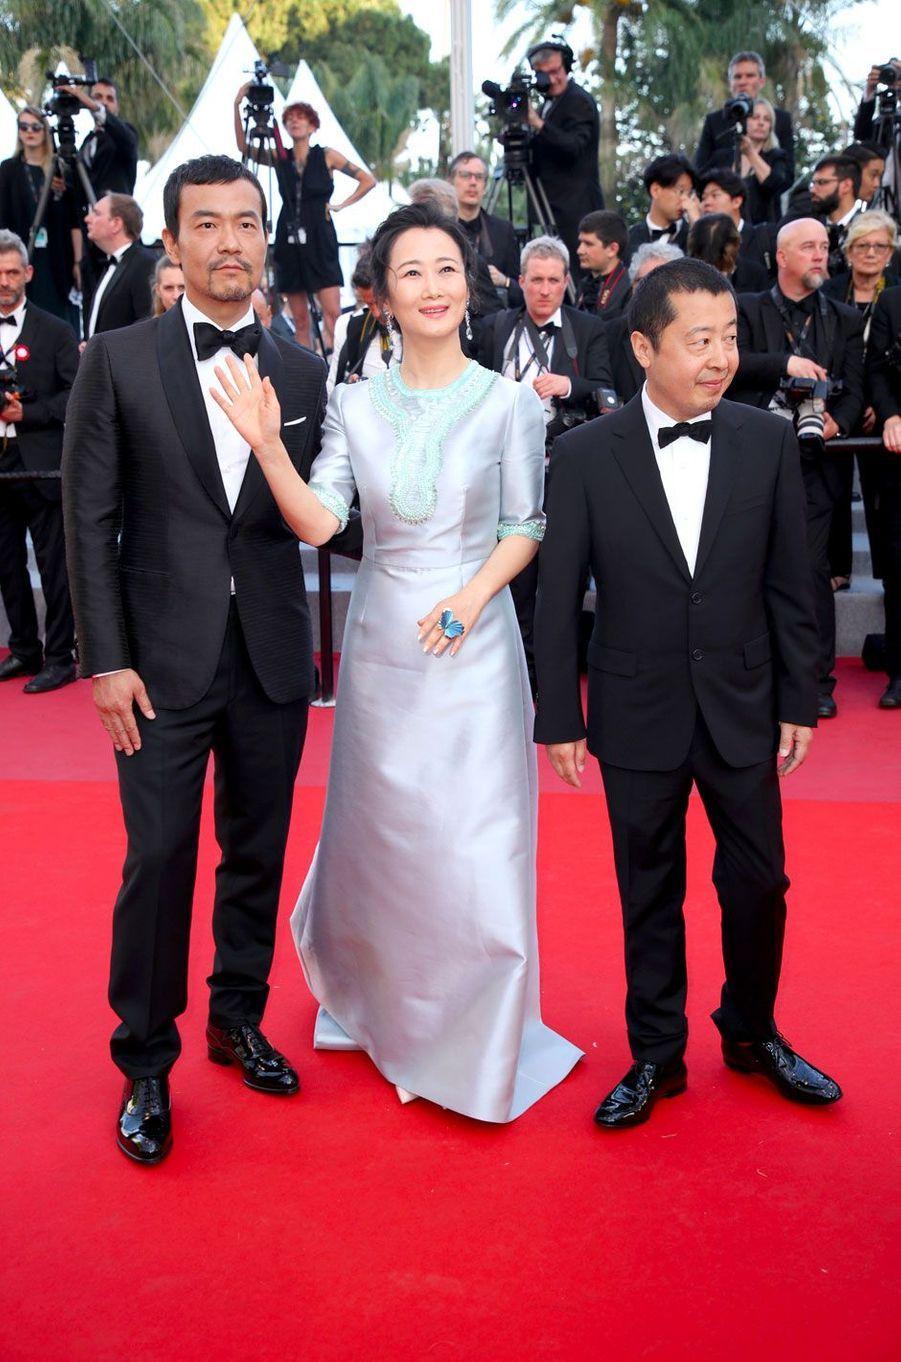 Fan Liao, Zhao Tao et Jia Zhang-ke montent les marches à Cannes le 11 mai 2018